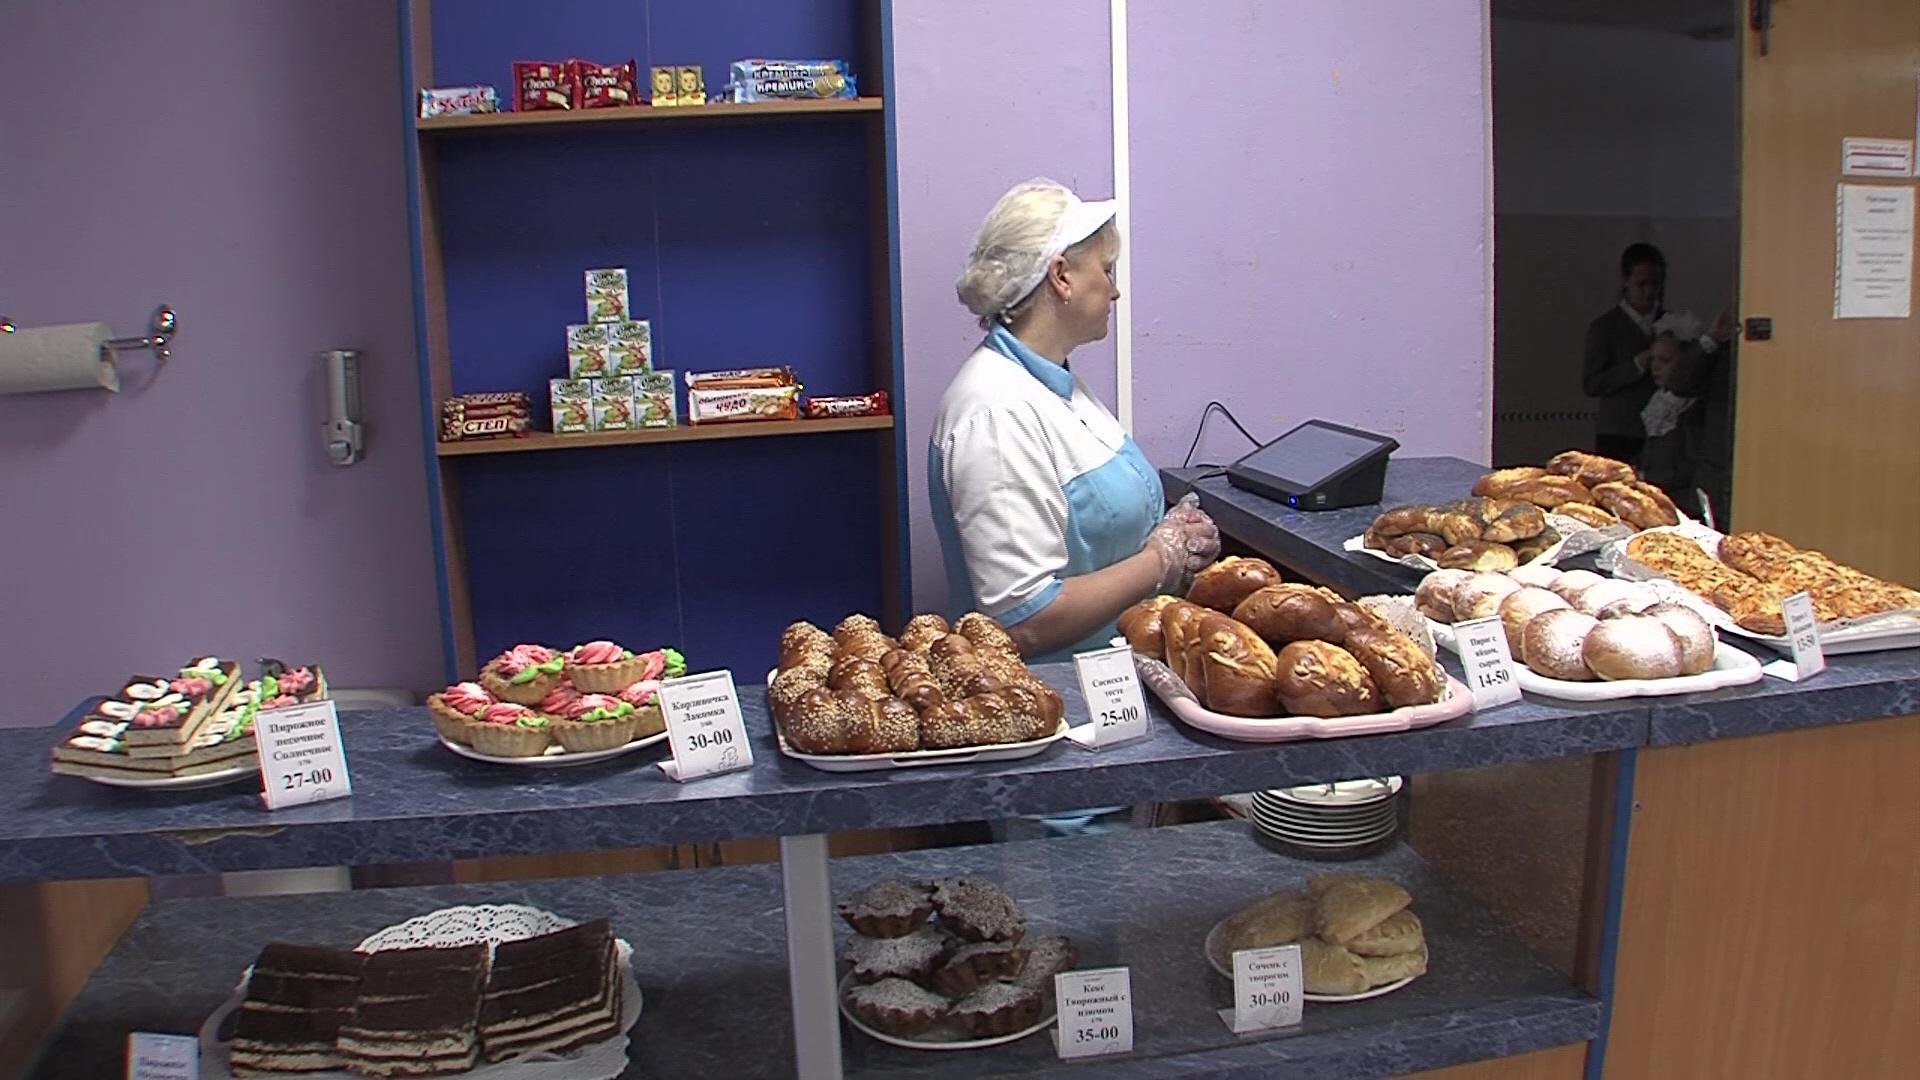 Ярославская область может получить федеральную субсидию на бесплатное школьное питание